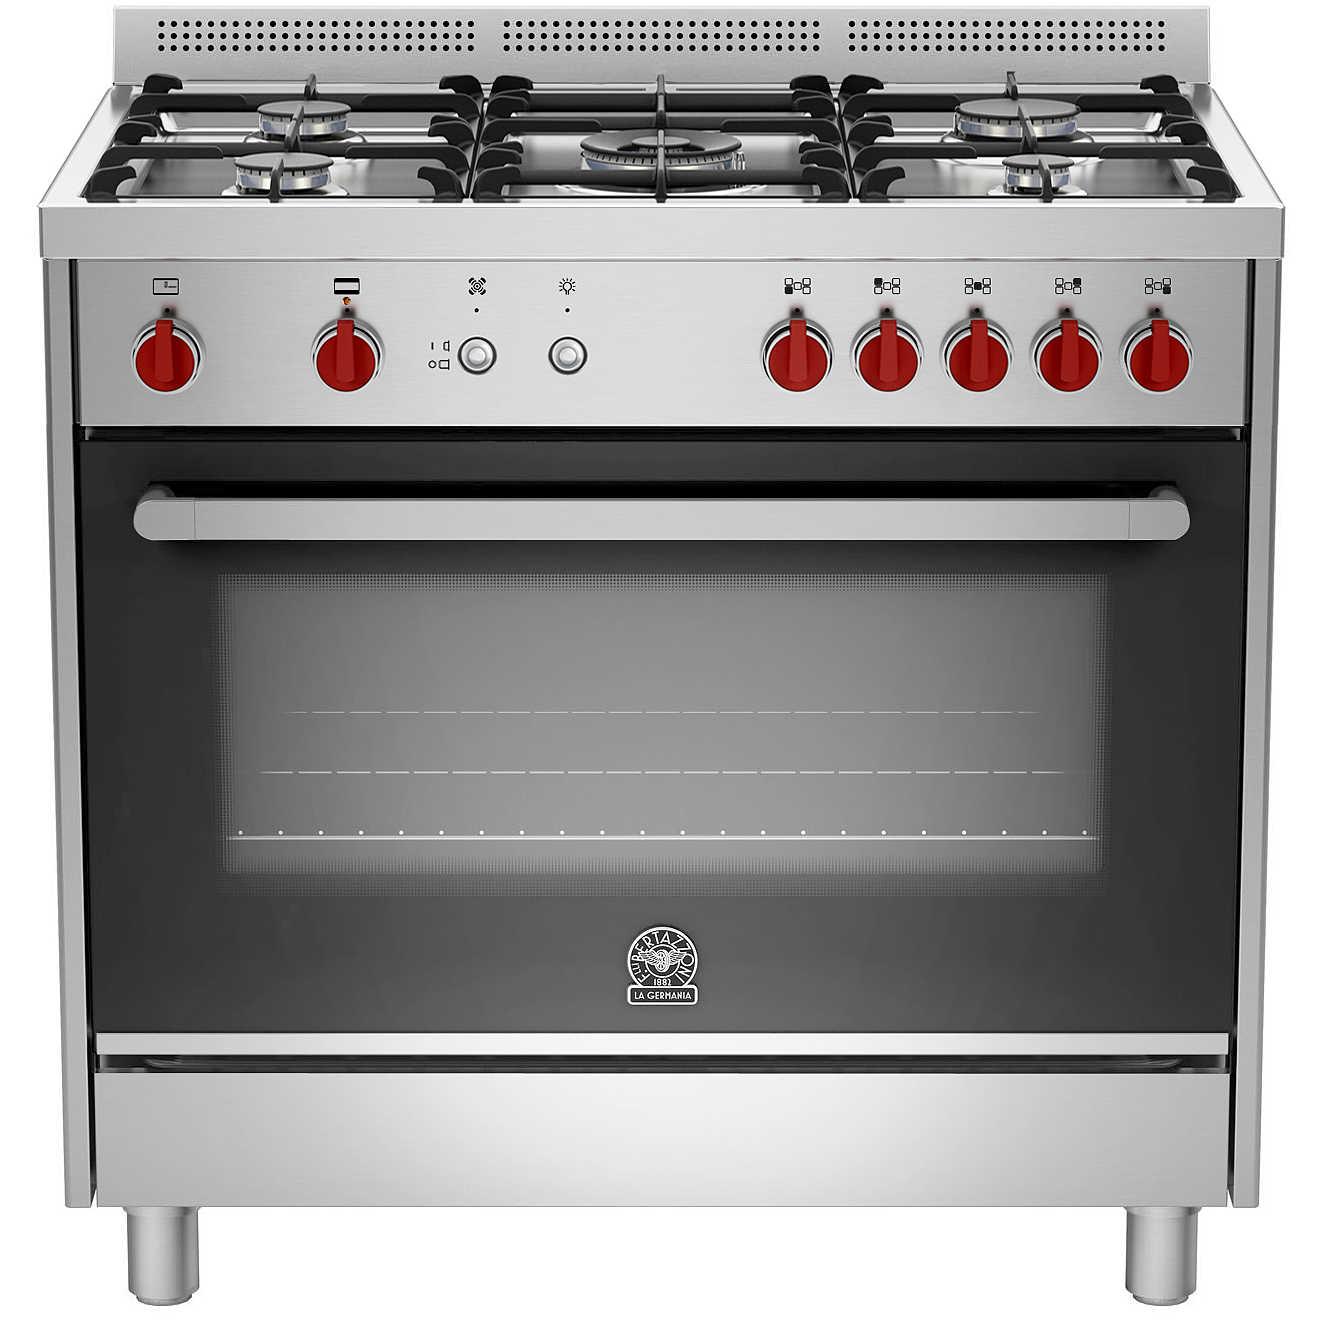 La germania prm905gevsxc cucina 90x60 5 fuochi a gas forno a gas ventilato con grill elettrico - Cucina con forno a gas ventilato ...